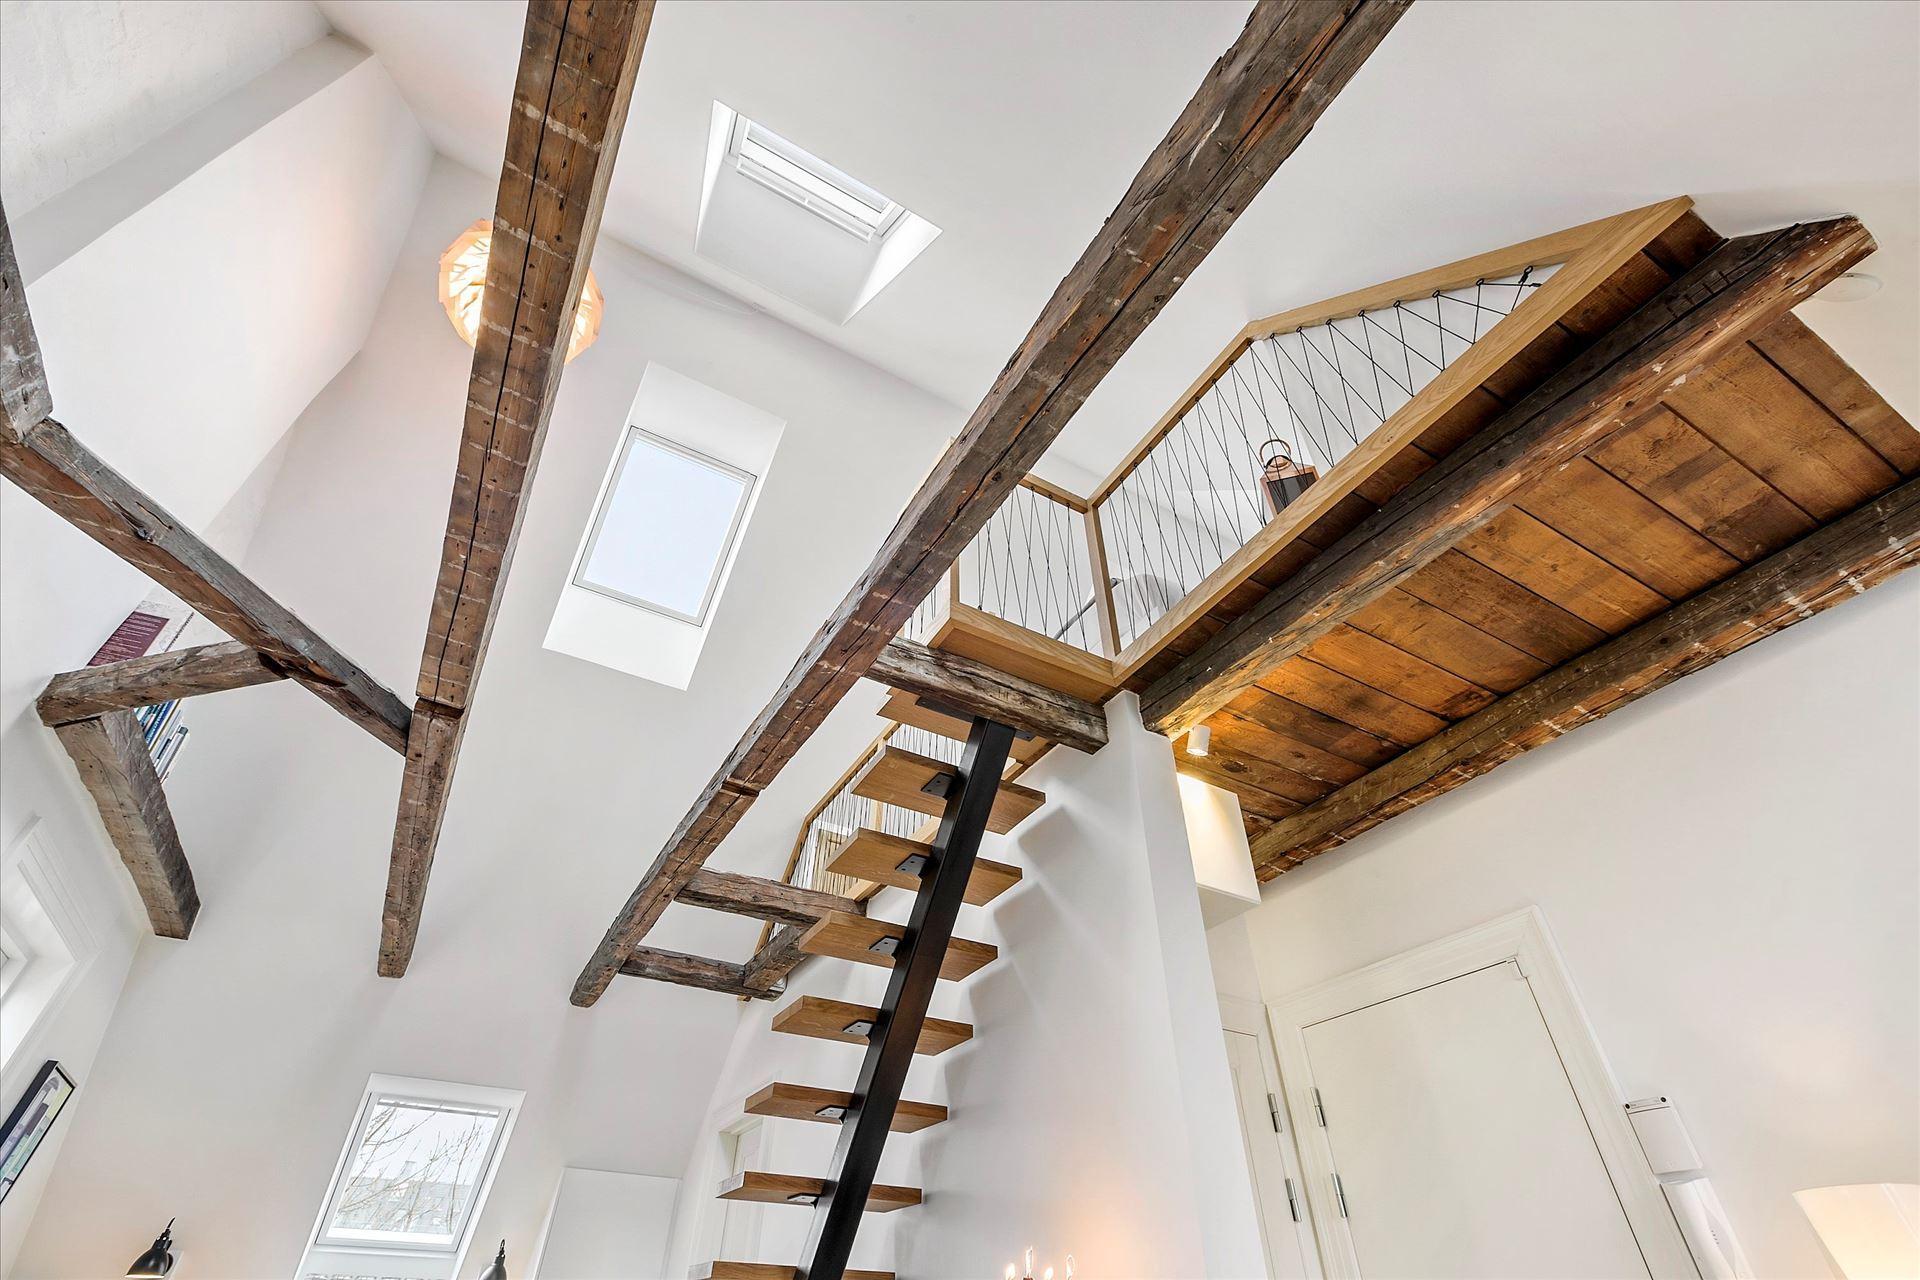 Finestre su soffitto inclinato